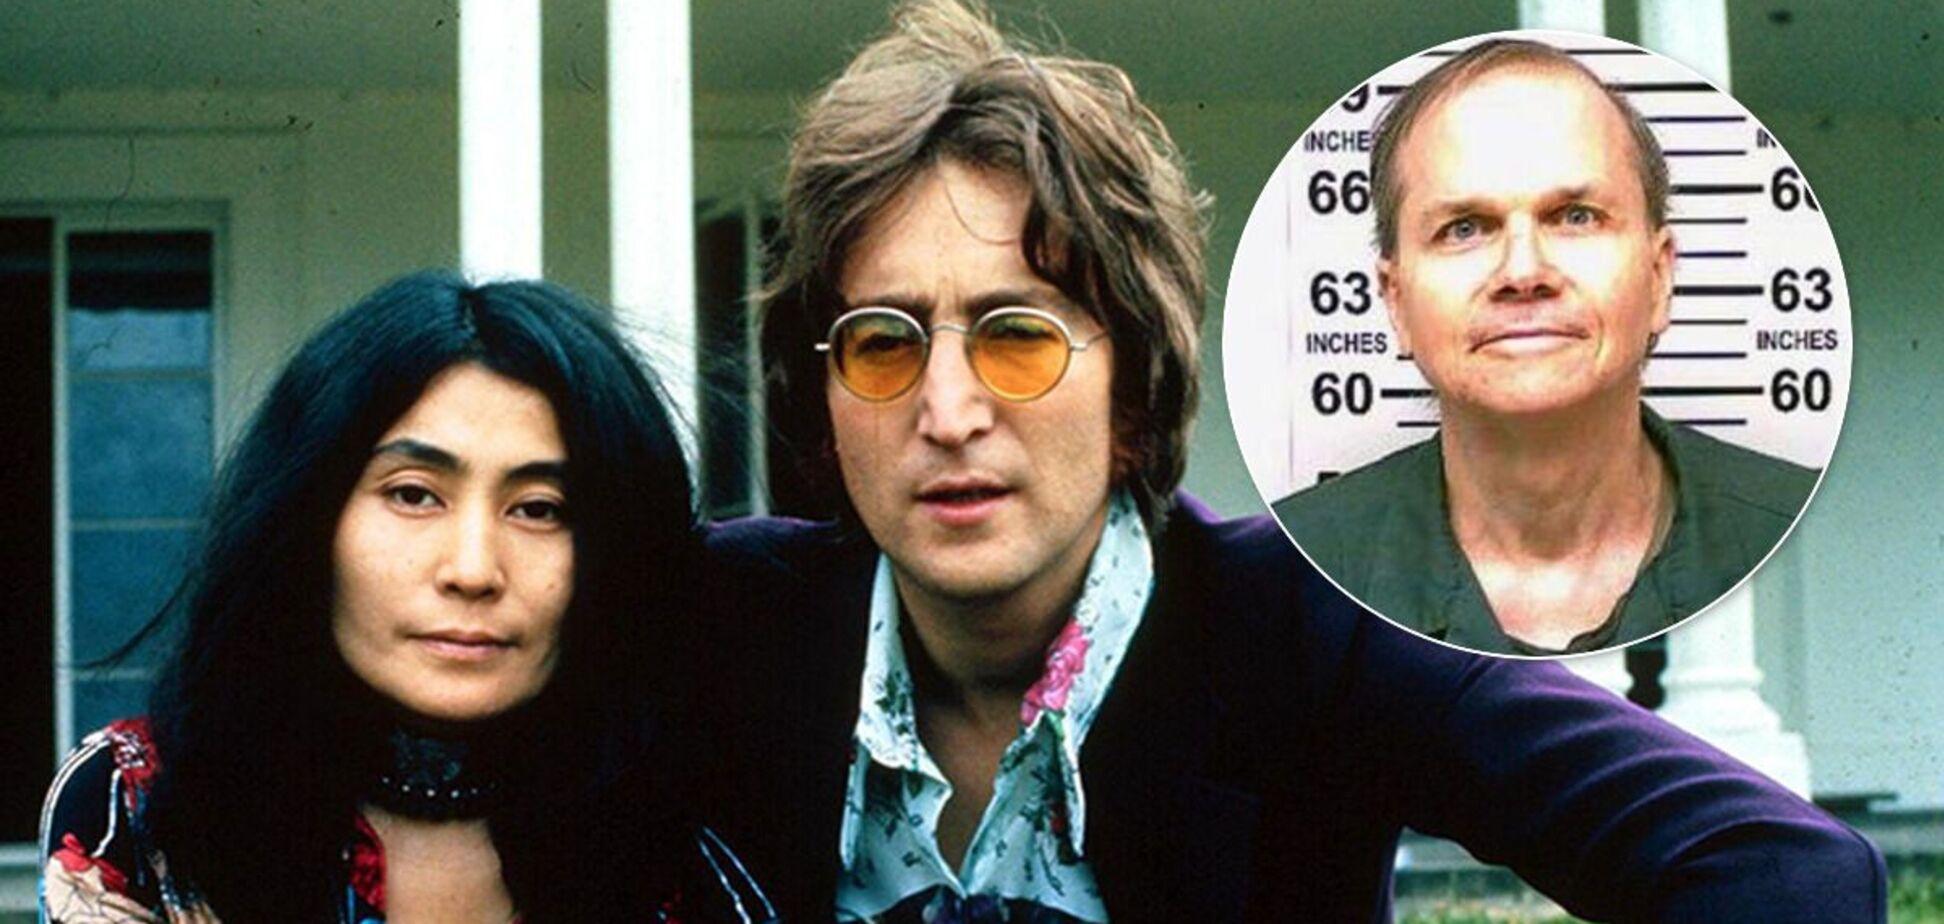 Вбивця Джона Леннона через 40 років вибачився перед Йоко Оно